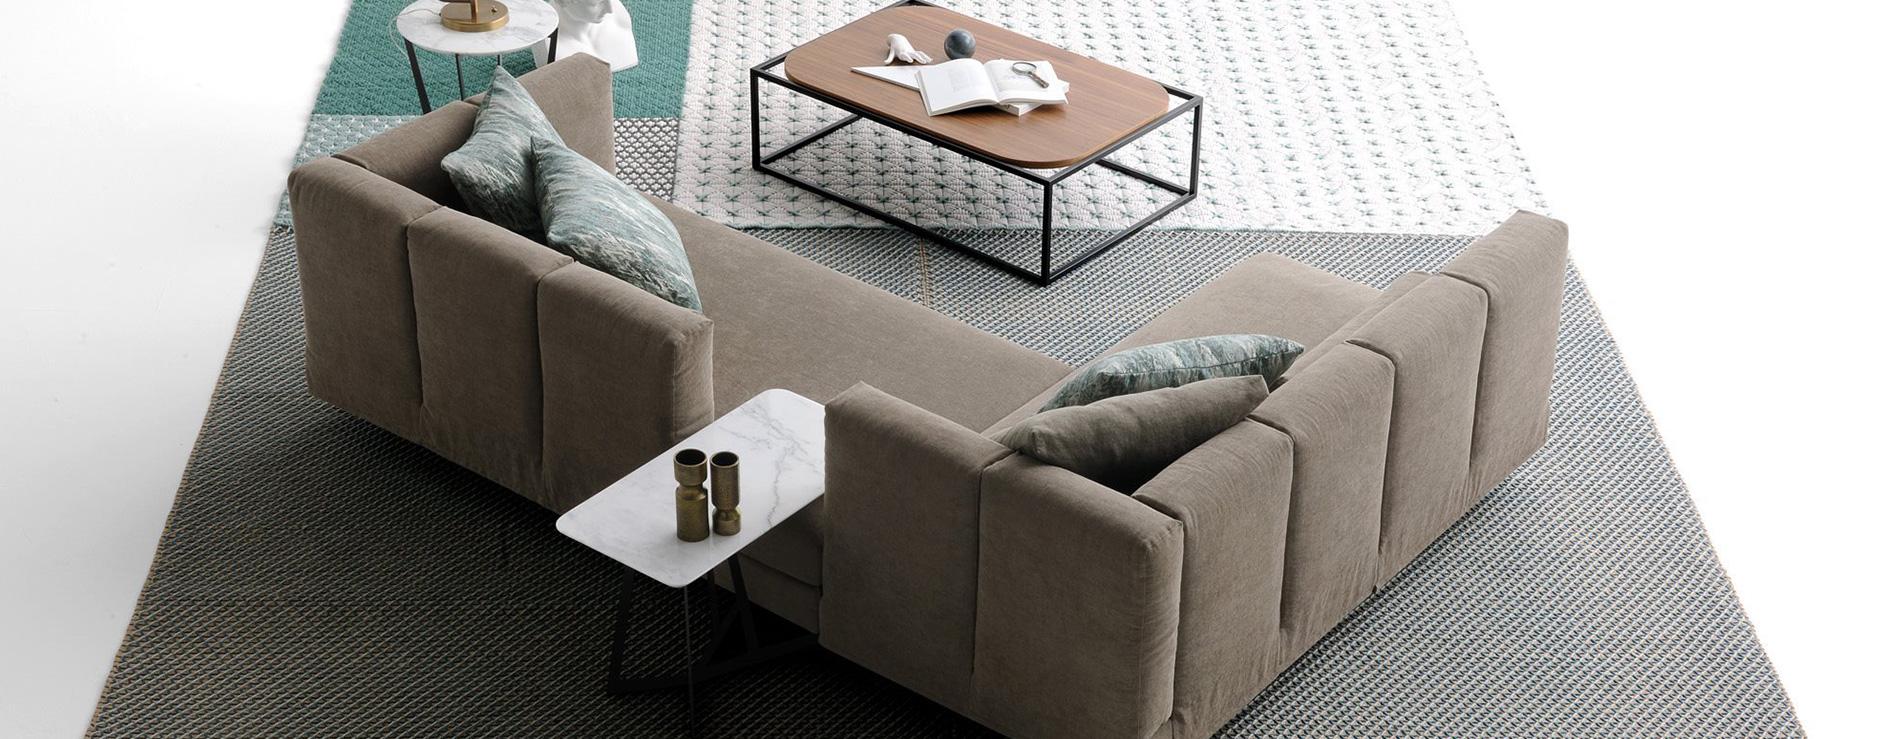 divano fortyfive alberta